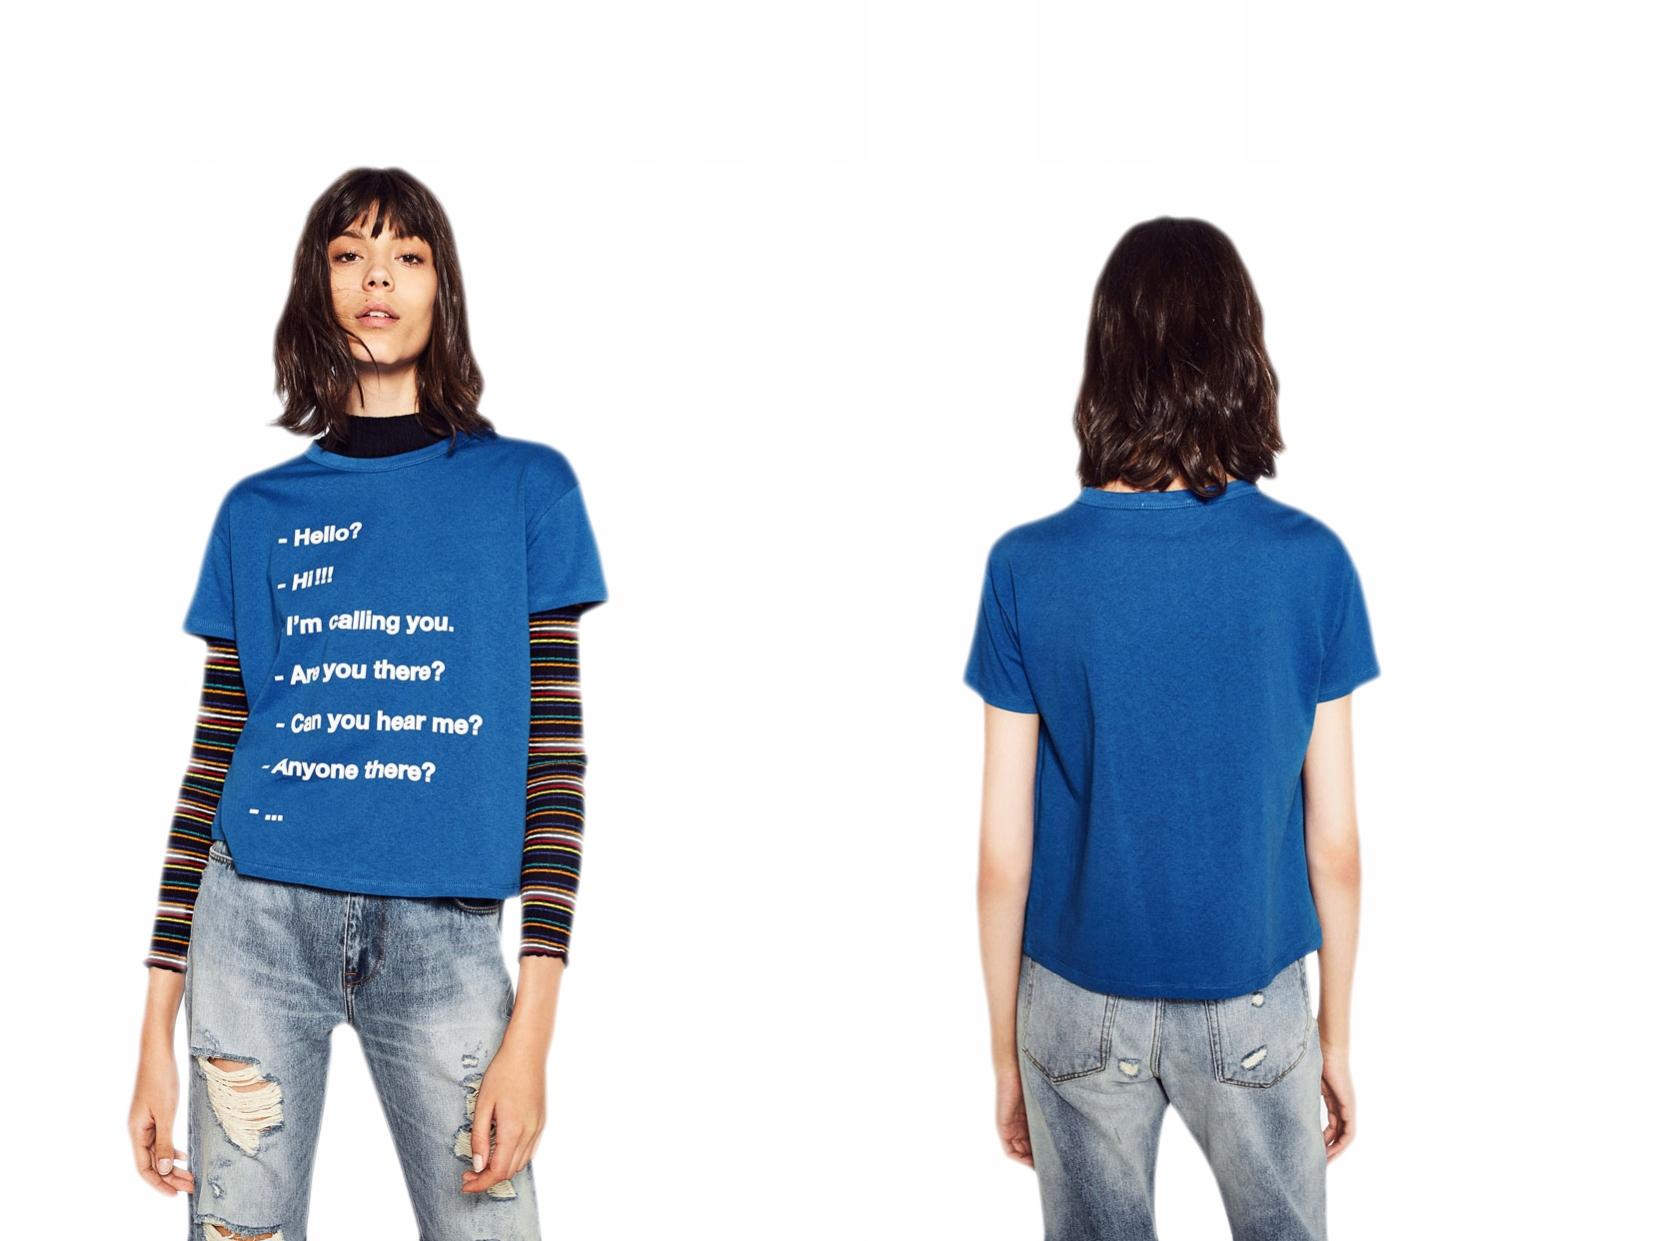 Niebieski t-shirt napisay aplikacja S/36